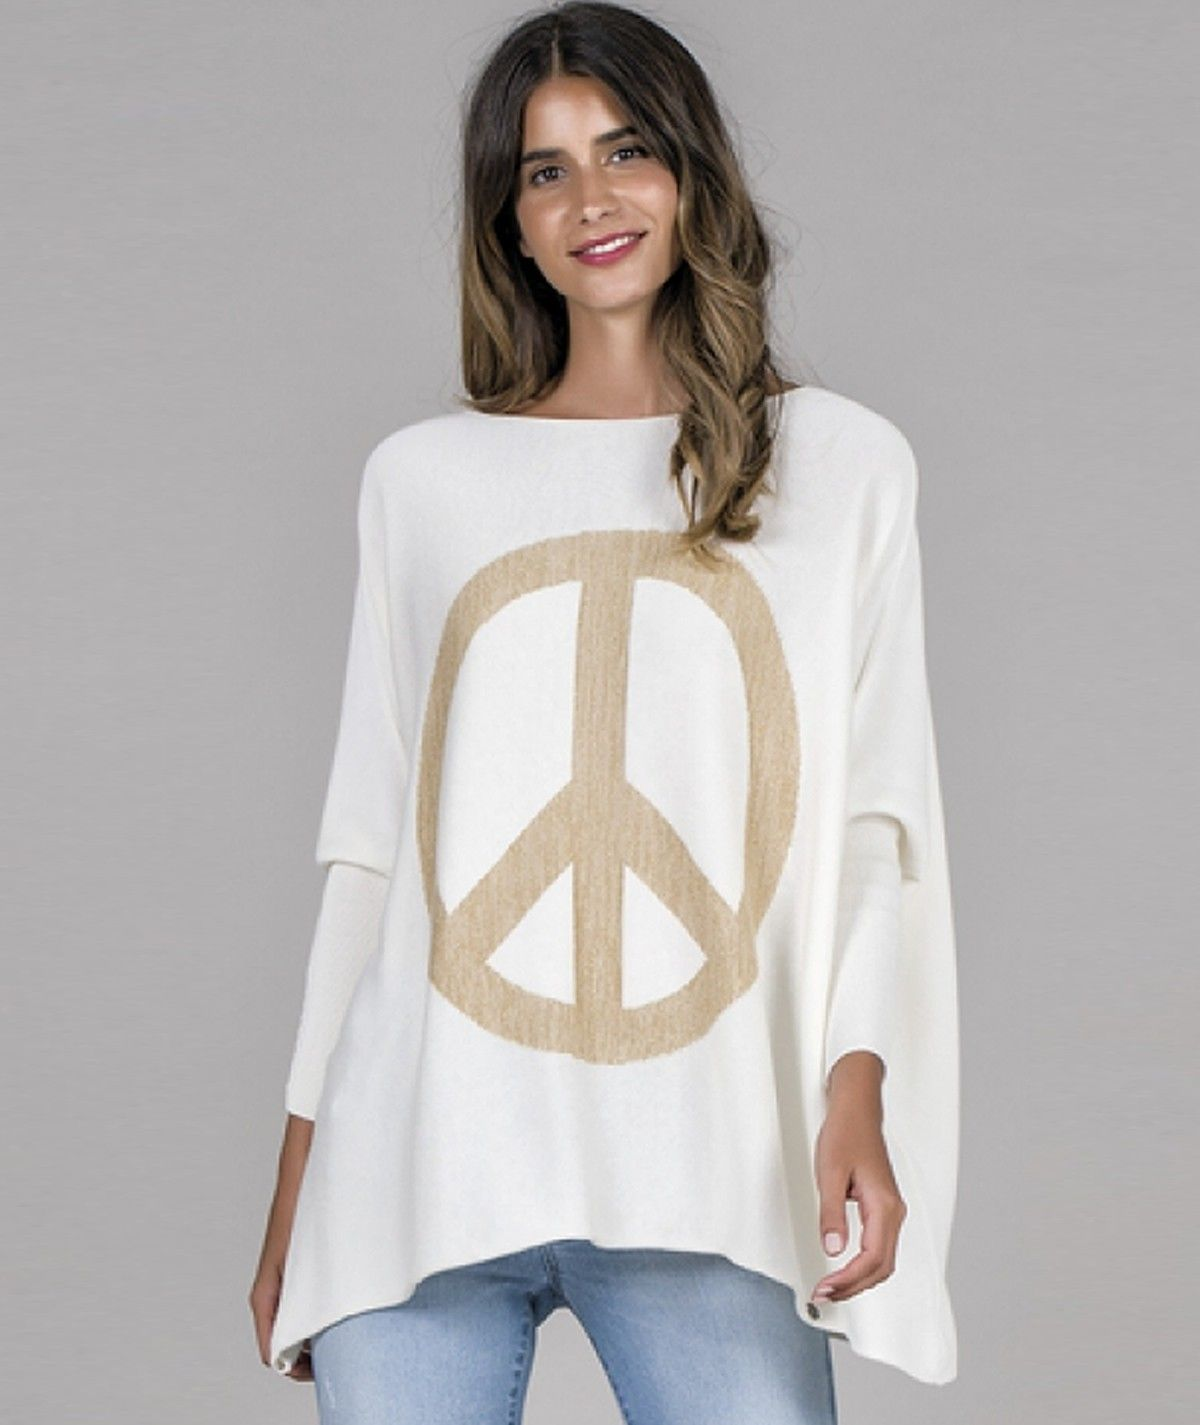 Camisola motivo peace